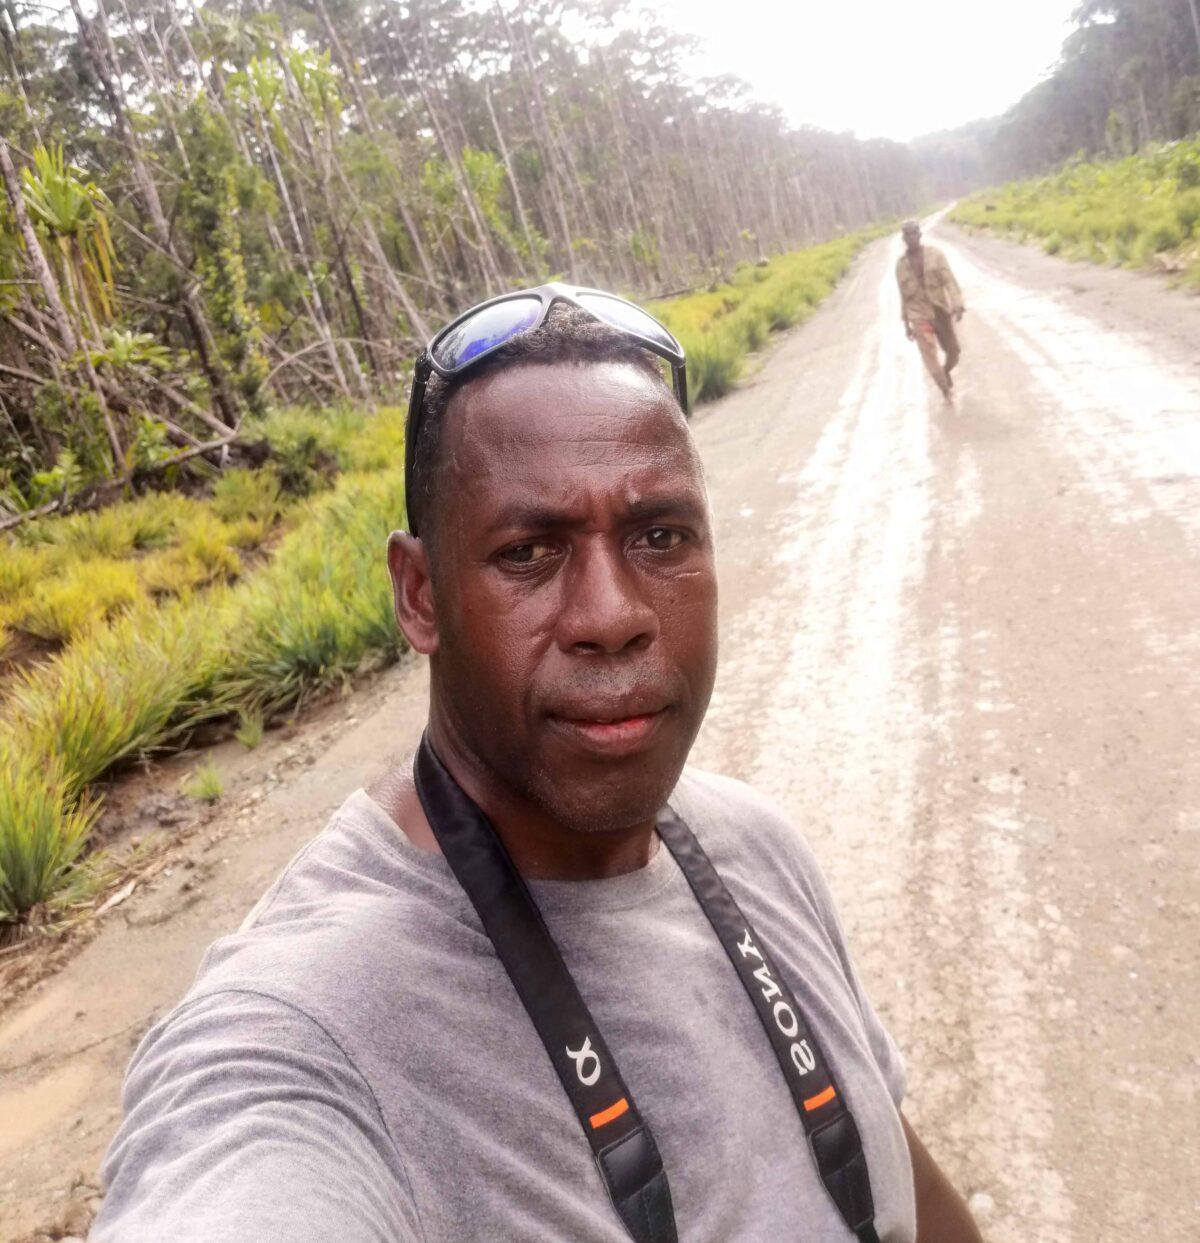 Selfie: a man standing on a dirt road.